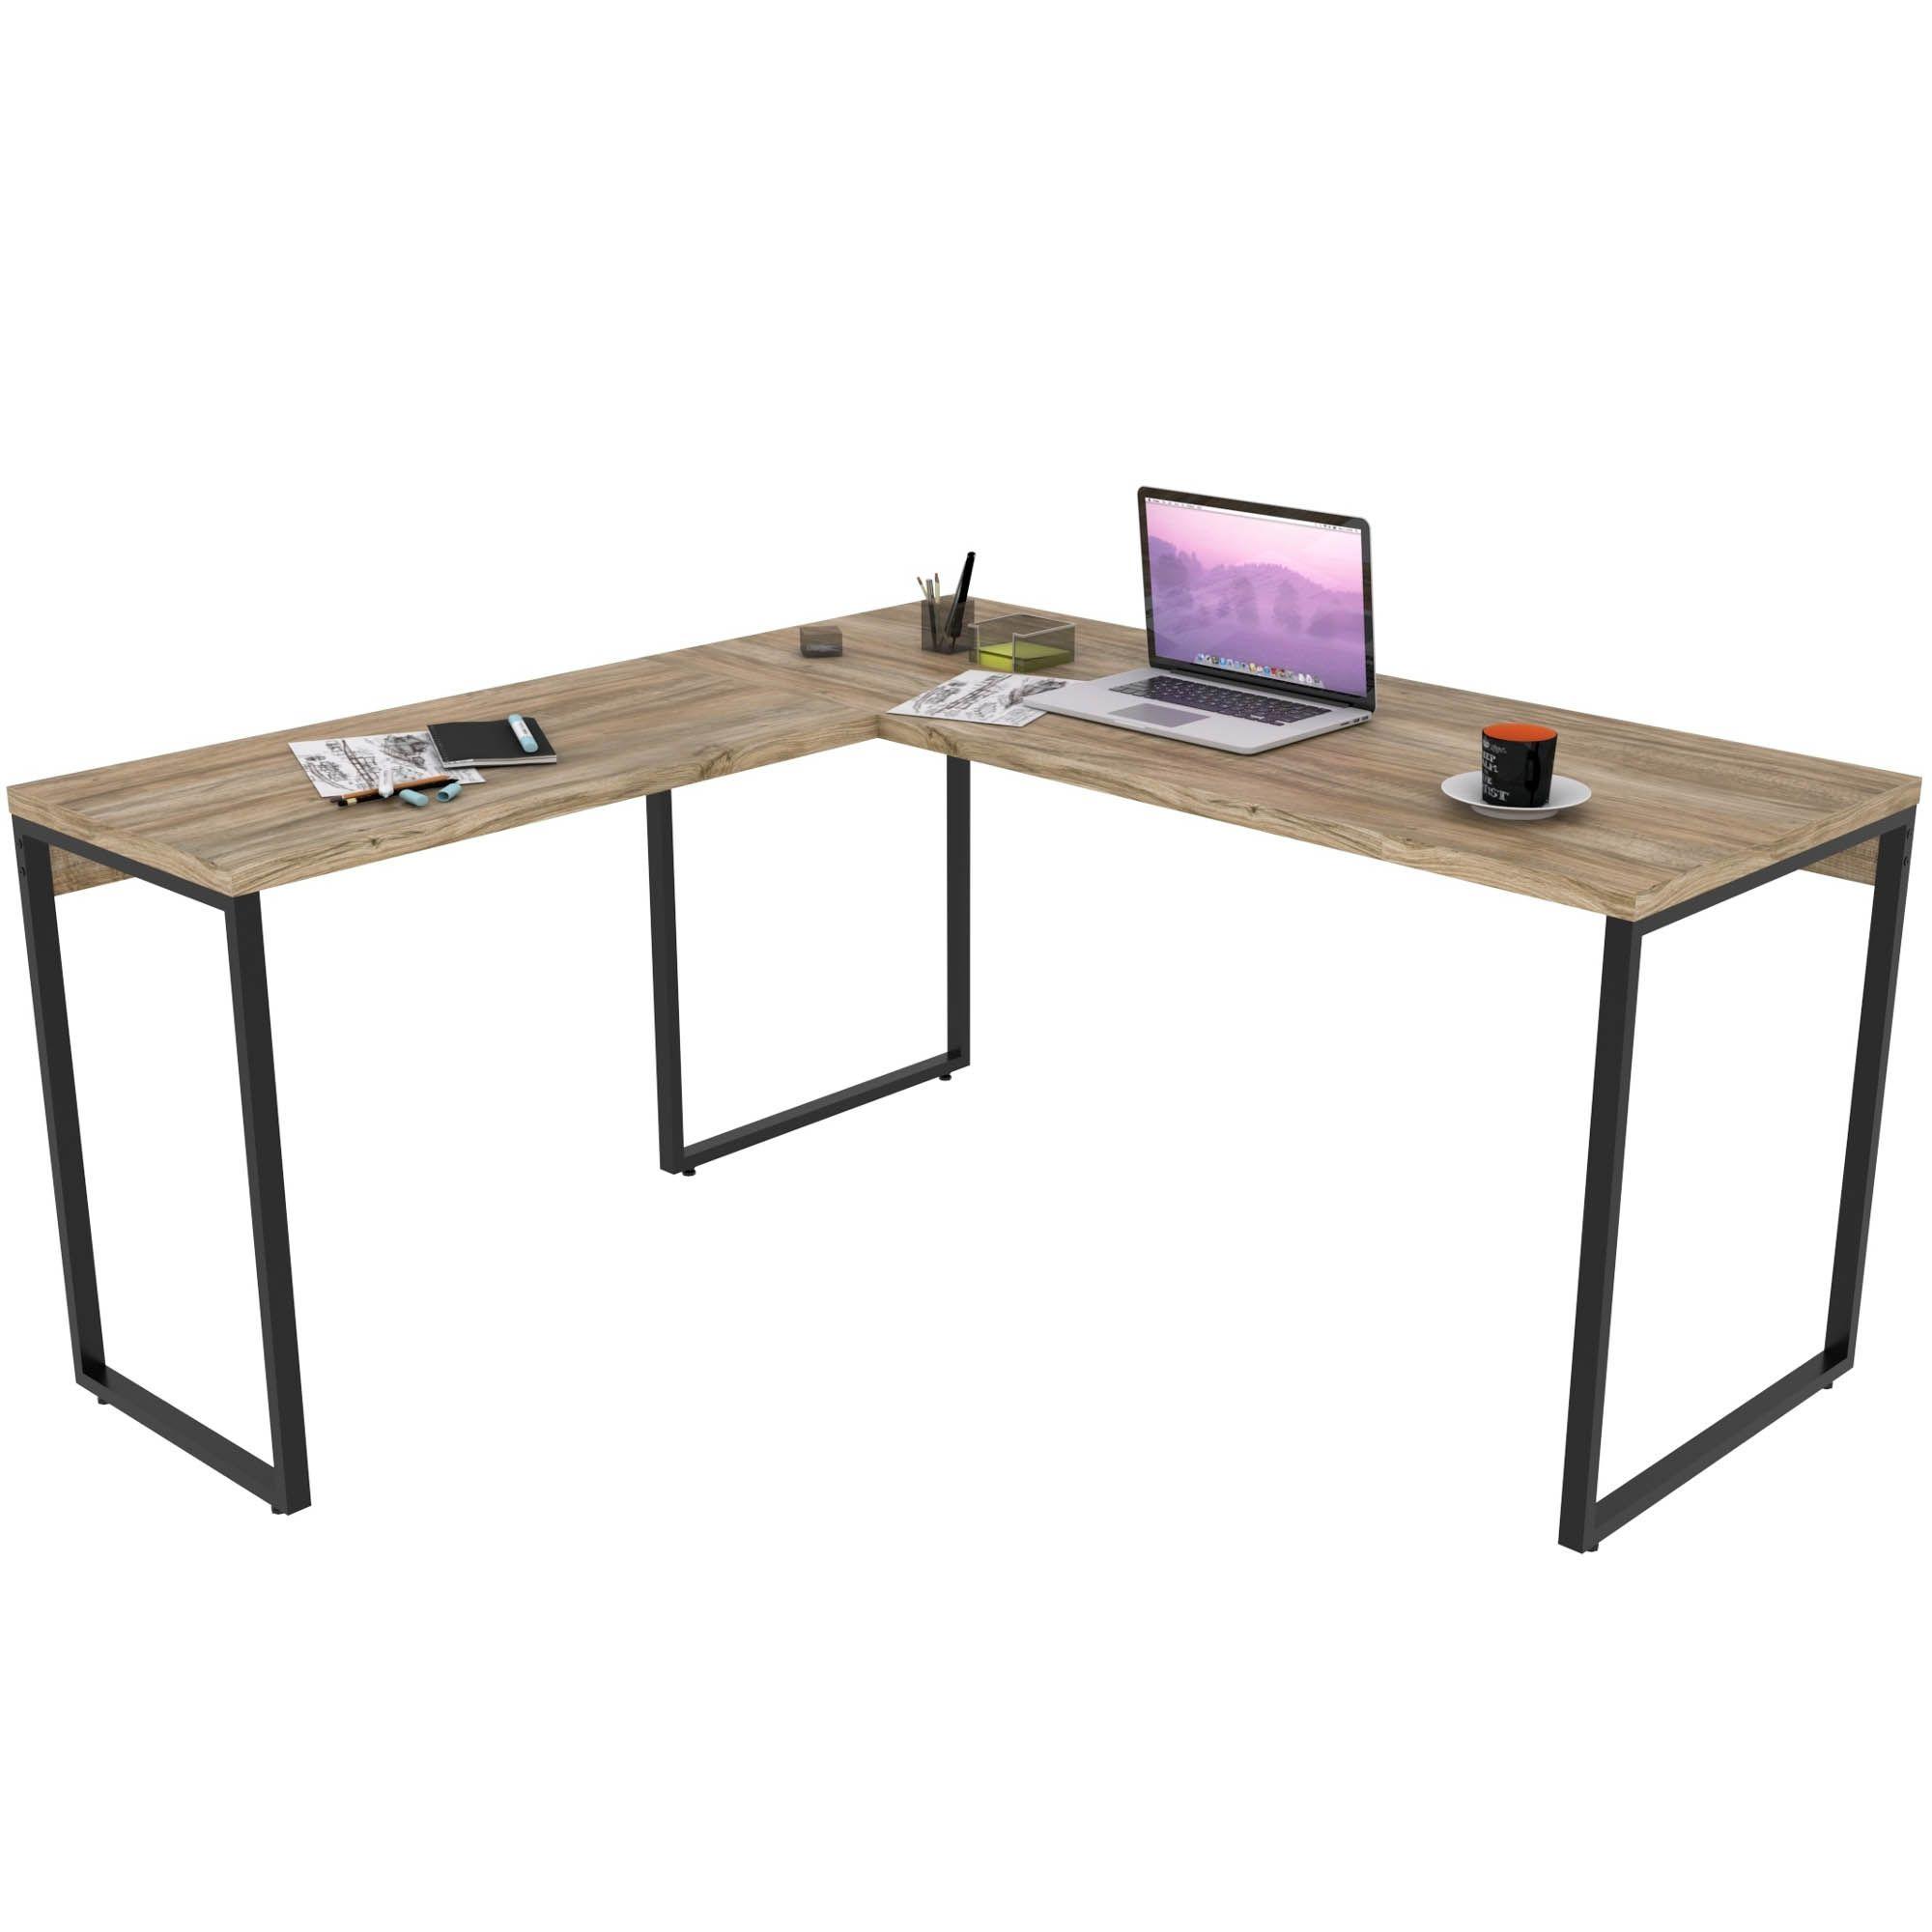 Mesa Para Escritório Home Office Estilo Industrial em L Form C01 150x150cm Carvalho - Lyam Decor